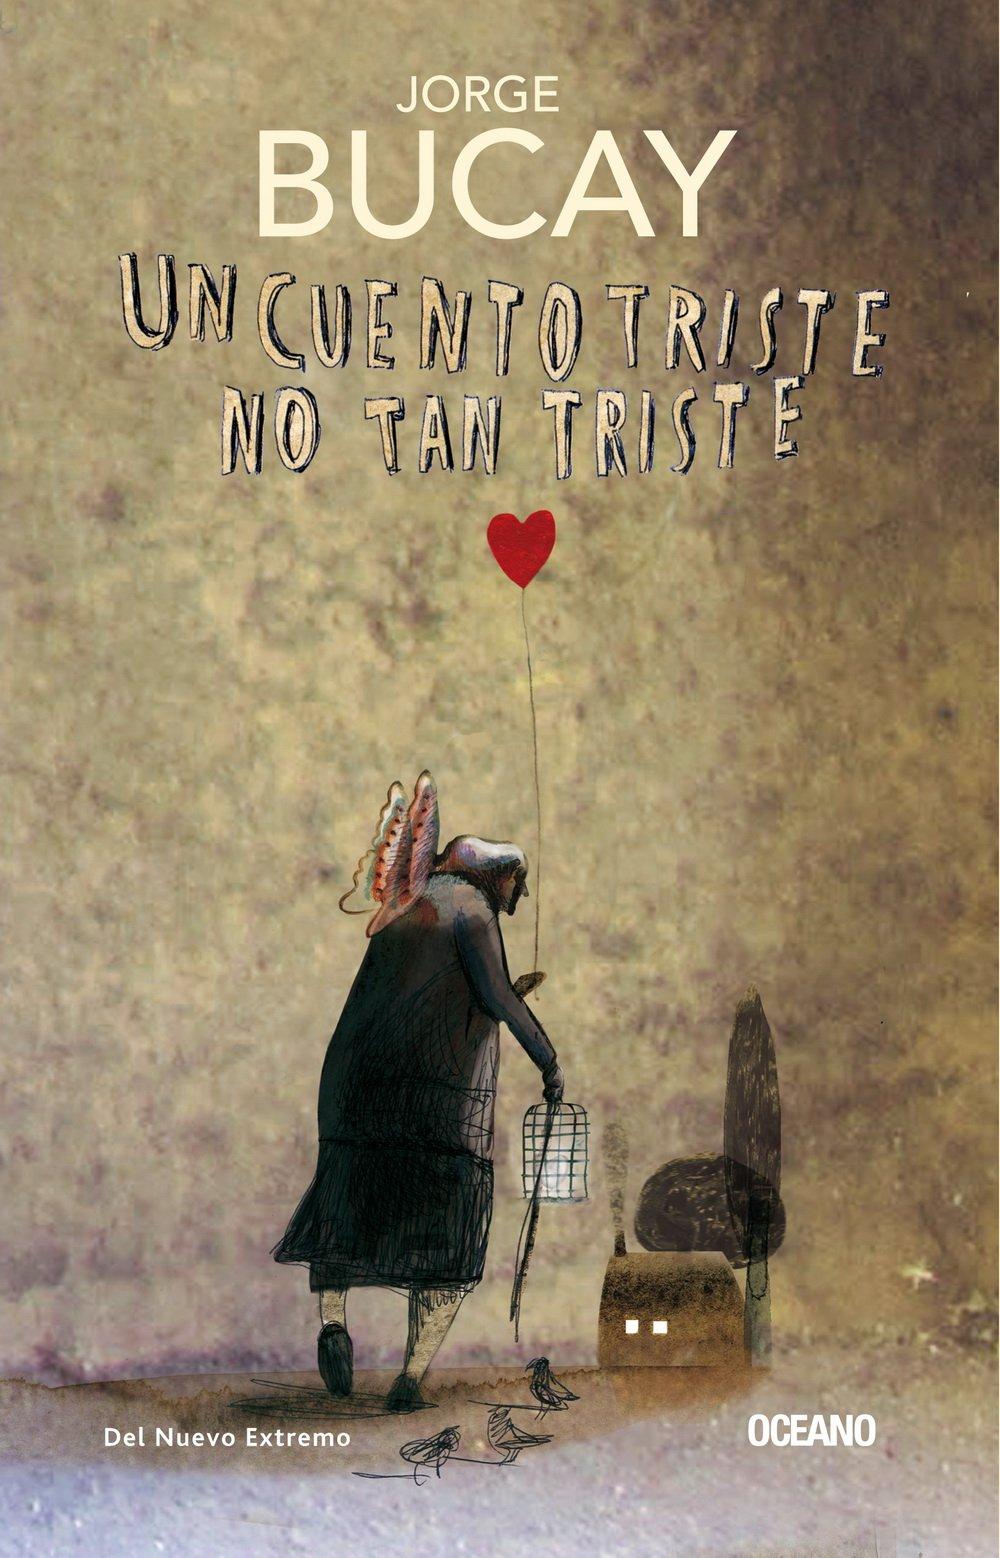 Un Cuento Triste No Tan Triste Biblioteca Jorge Bucay: Amazon.es: Jorge Bucay: Libros